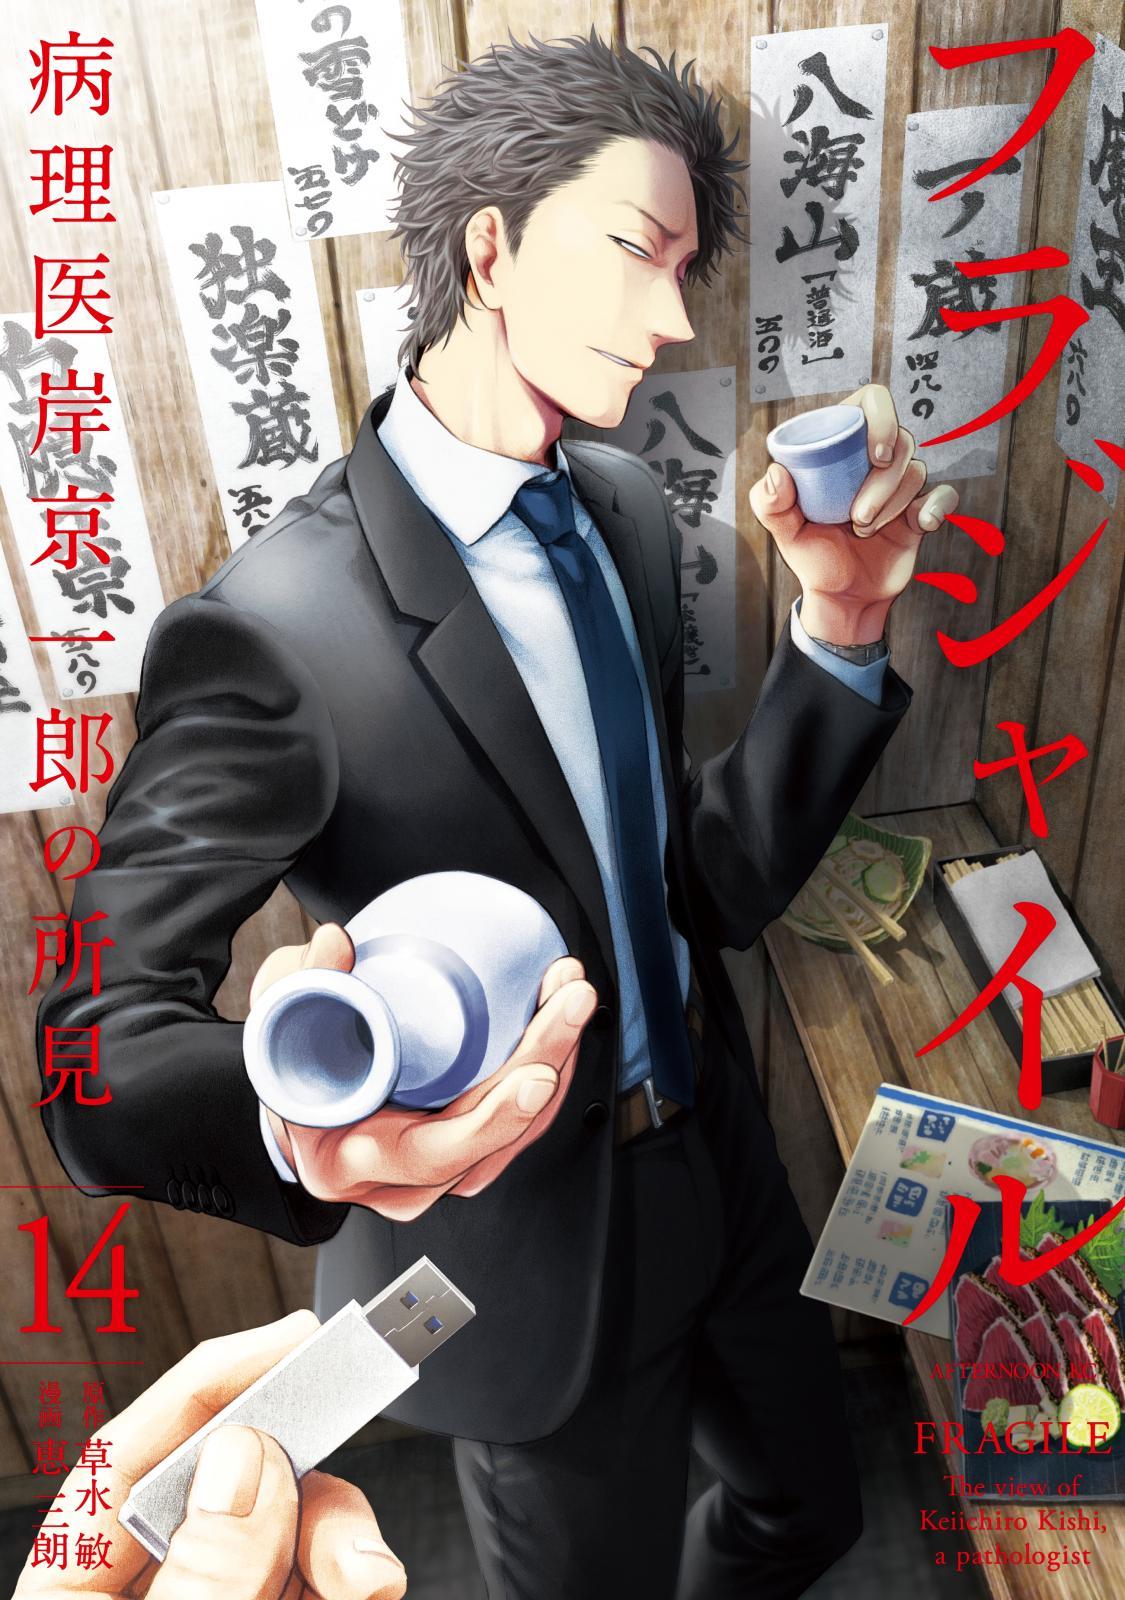 フラジャイル 病理医岸京一郎の所見(14)